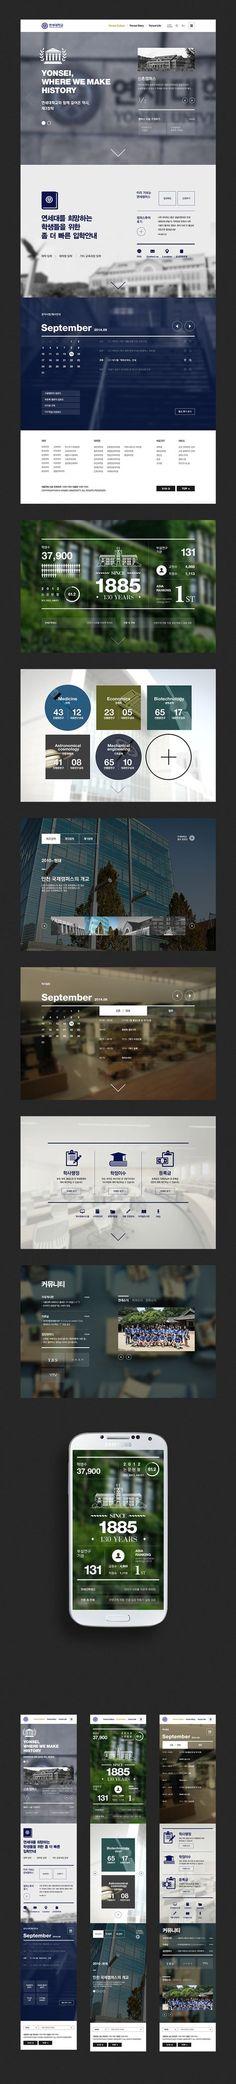 Yonsei University Web, Mobile renewal proposal